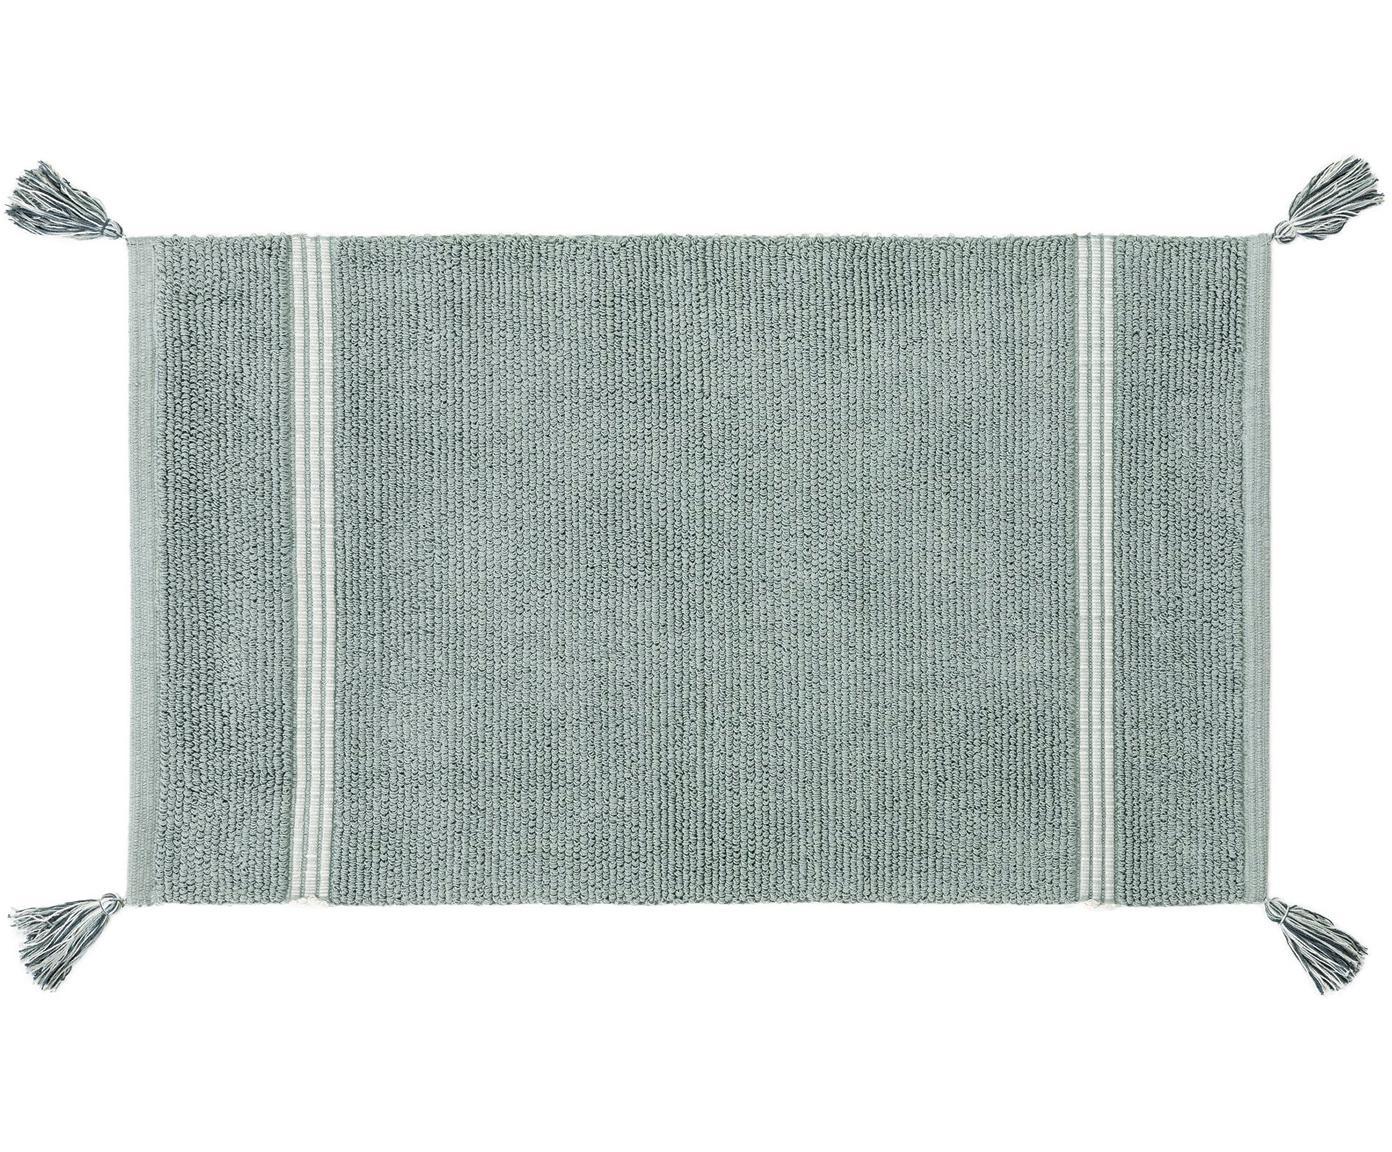 Tappeto bagno con nappe Dust, 100% cotone, Menta, Larg. 50 x Lung. 85 cm